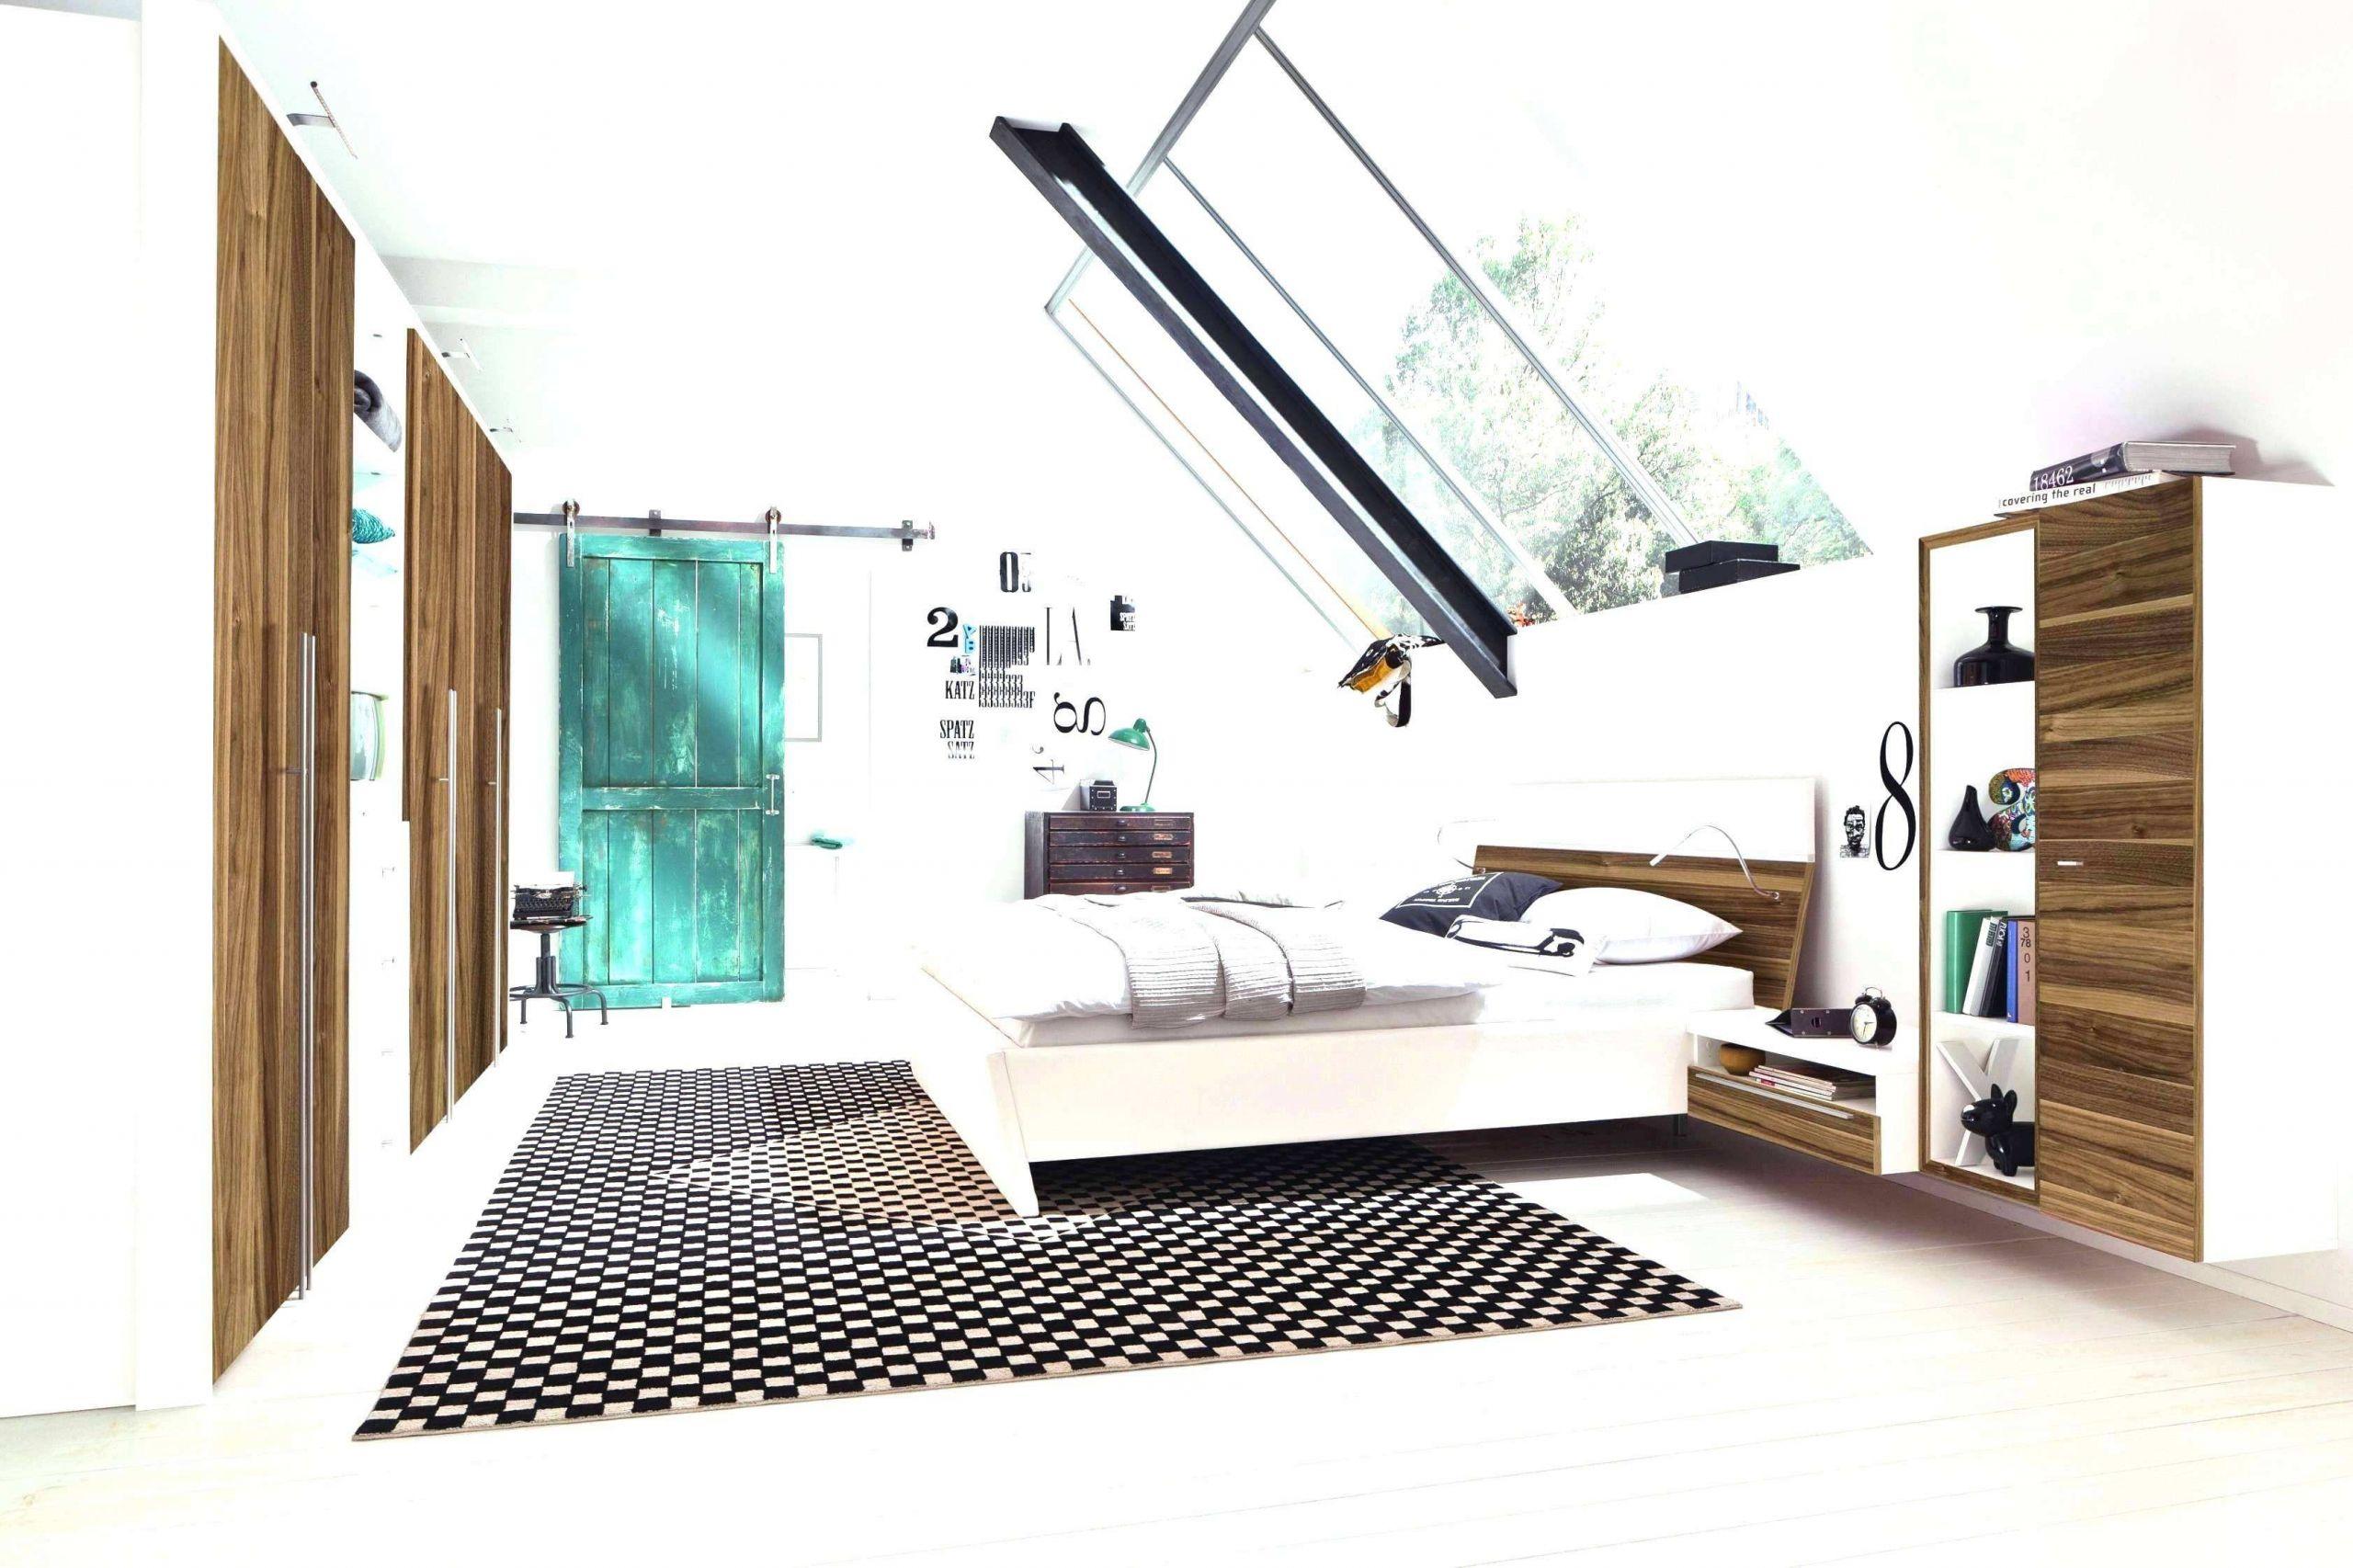 deko ideen fur wohnzimmer luxus best vintage wohnzimmer ideen inspirations of deko ideen fur wohnzimmer